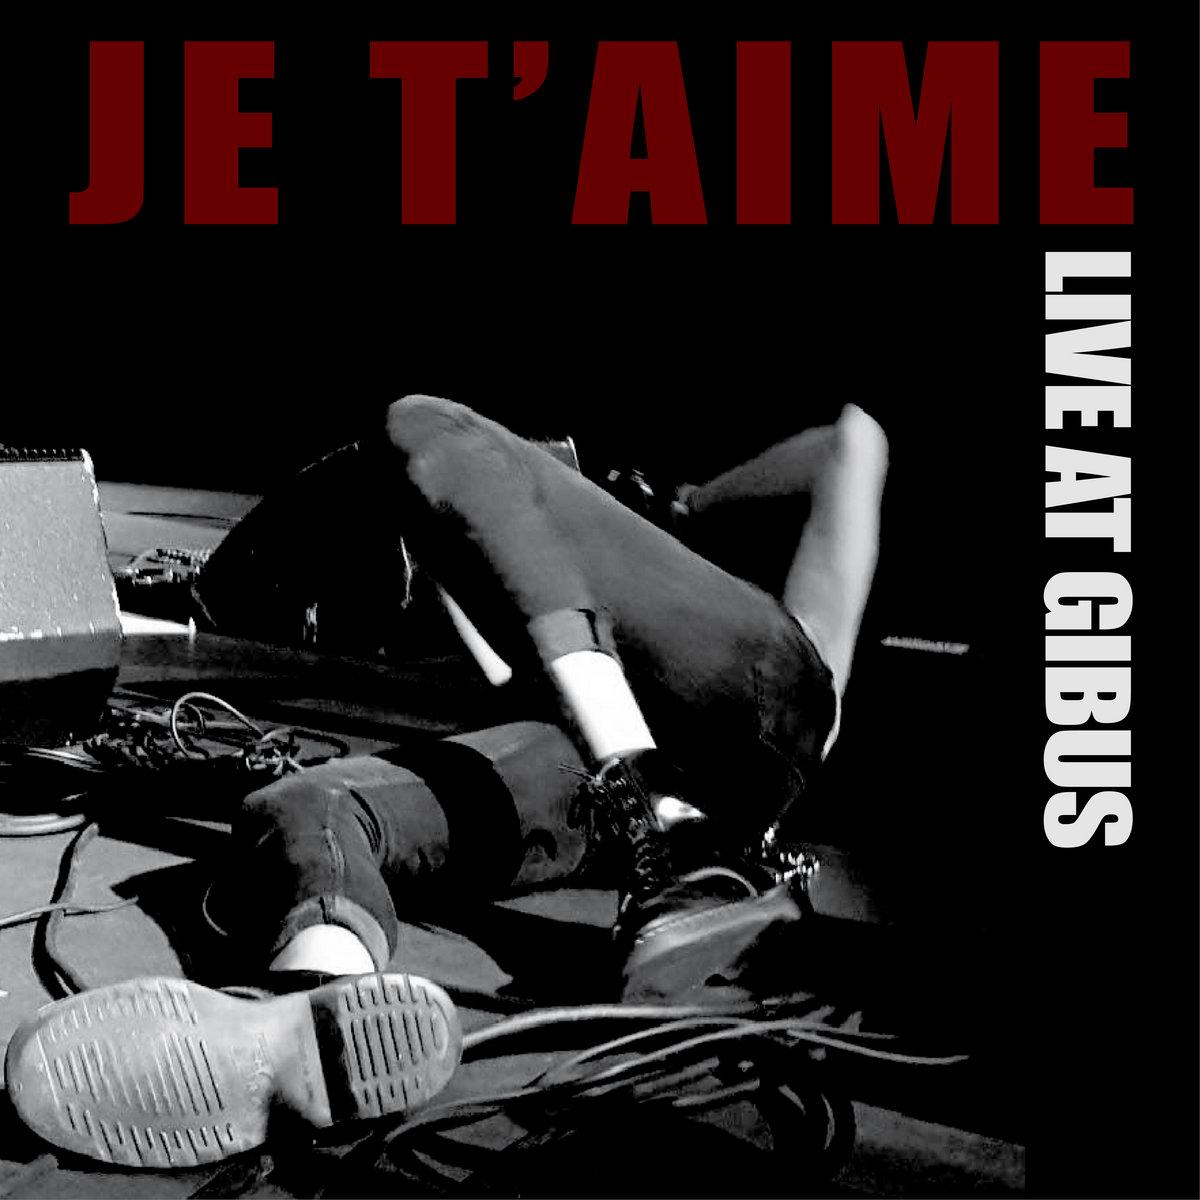 JE T'AIME lançam 'Live at Gibus' em nostalgia dos concertos